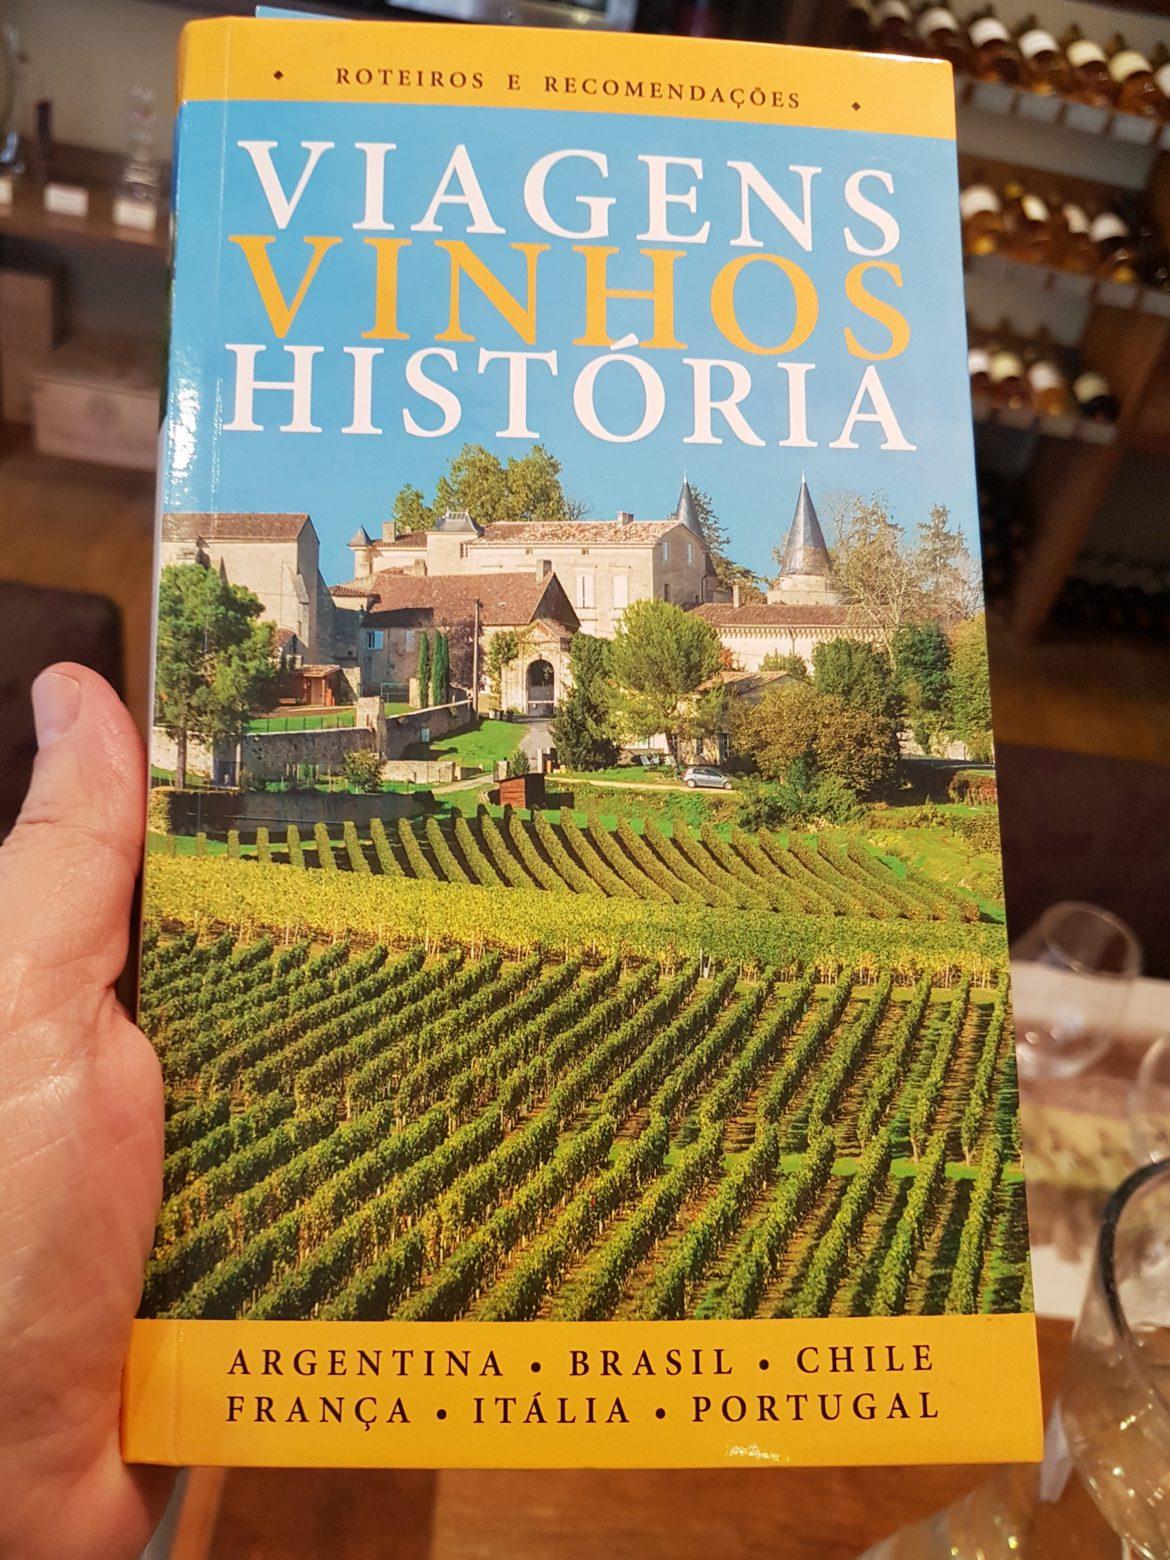 Viagens-Vinhos-Histórias.